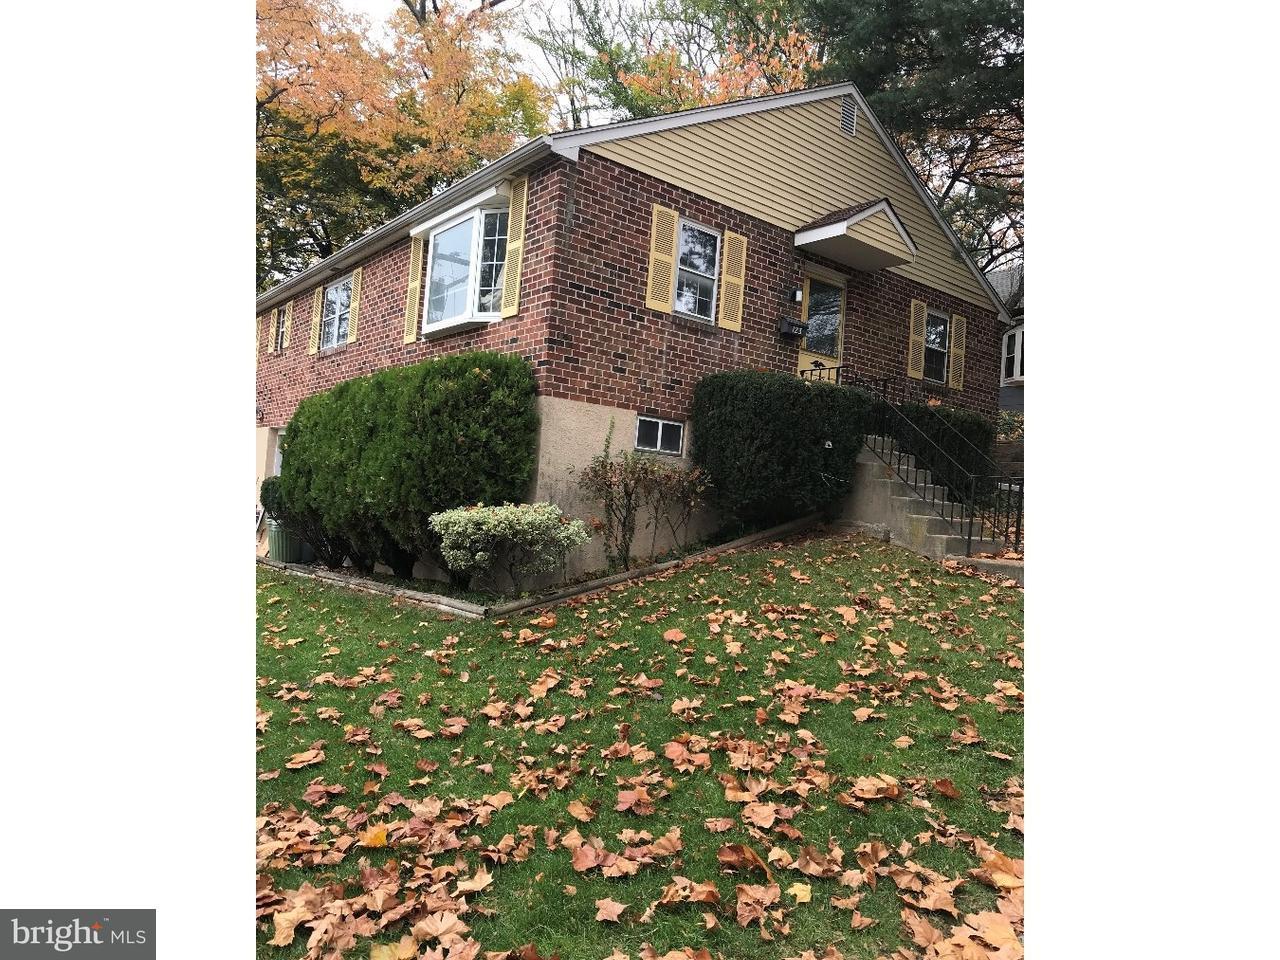 Частный односемейный дом для того Продажа на 123 W RIDLEY Avenue Ridley Park, Пенсильвания 19078 Соединенные Штаты